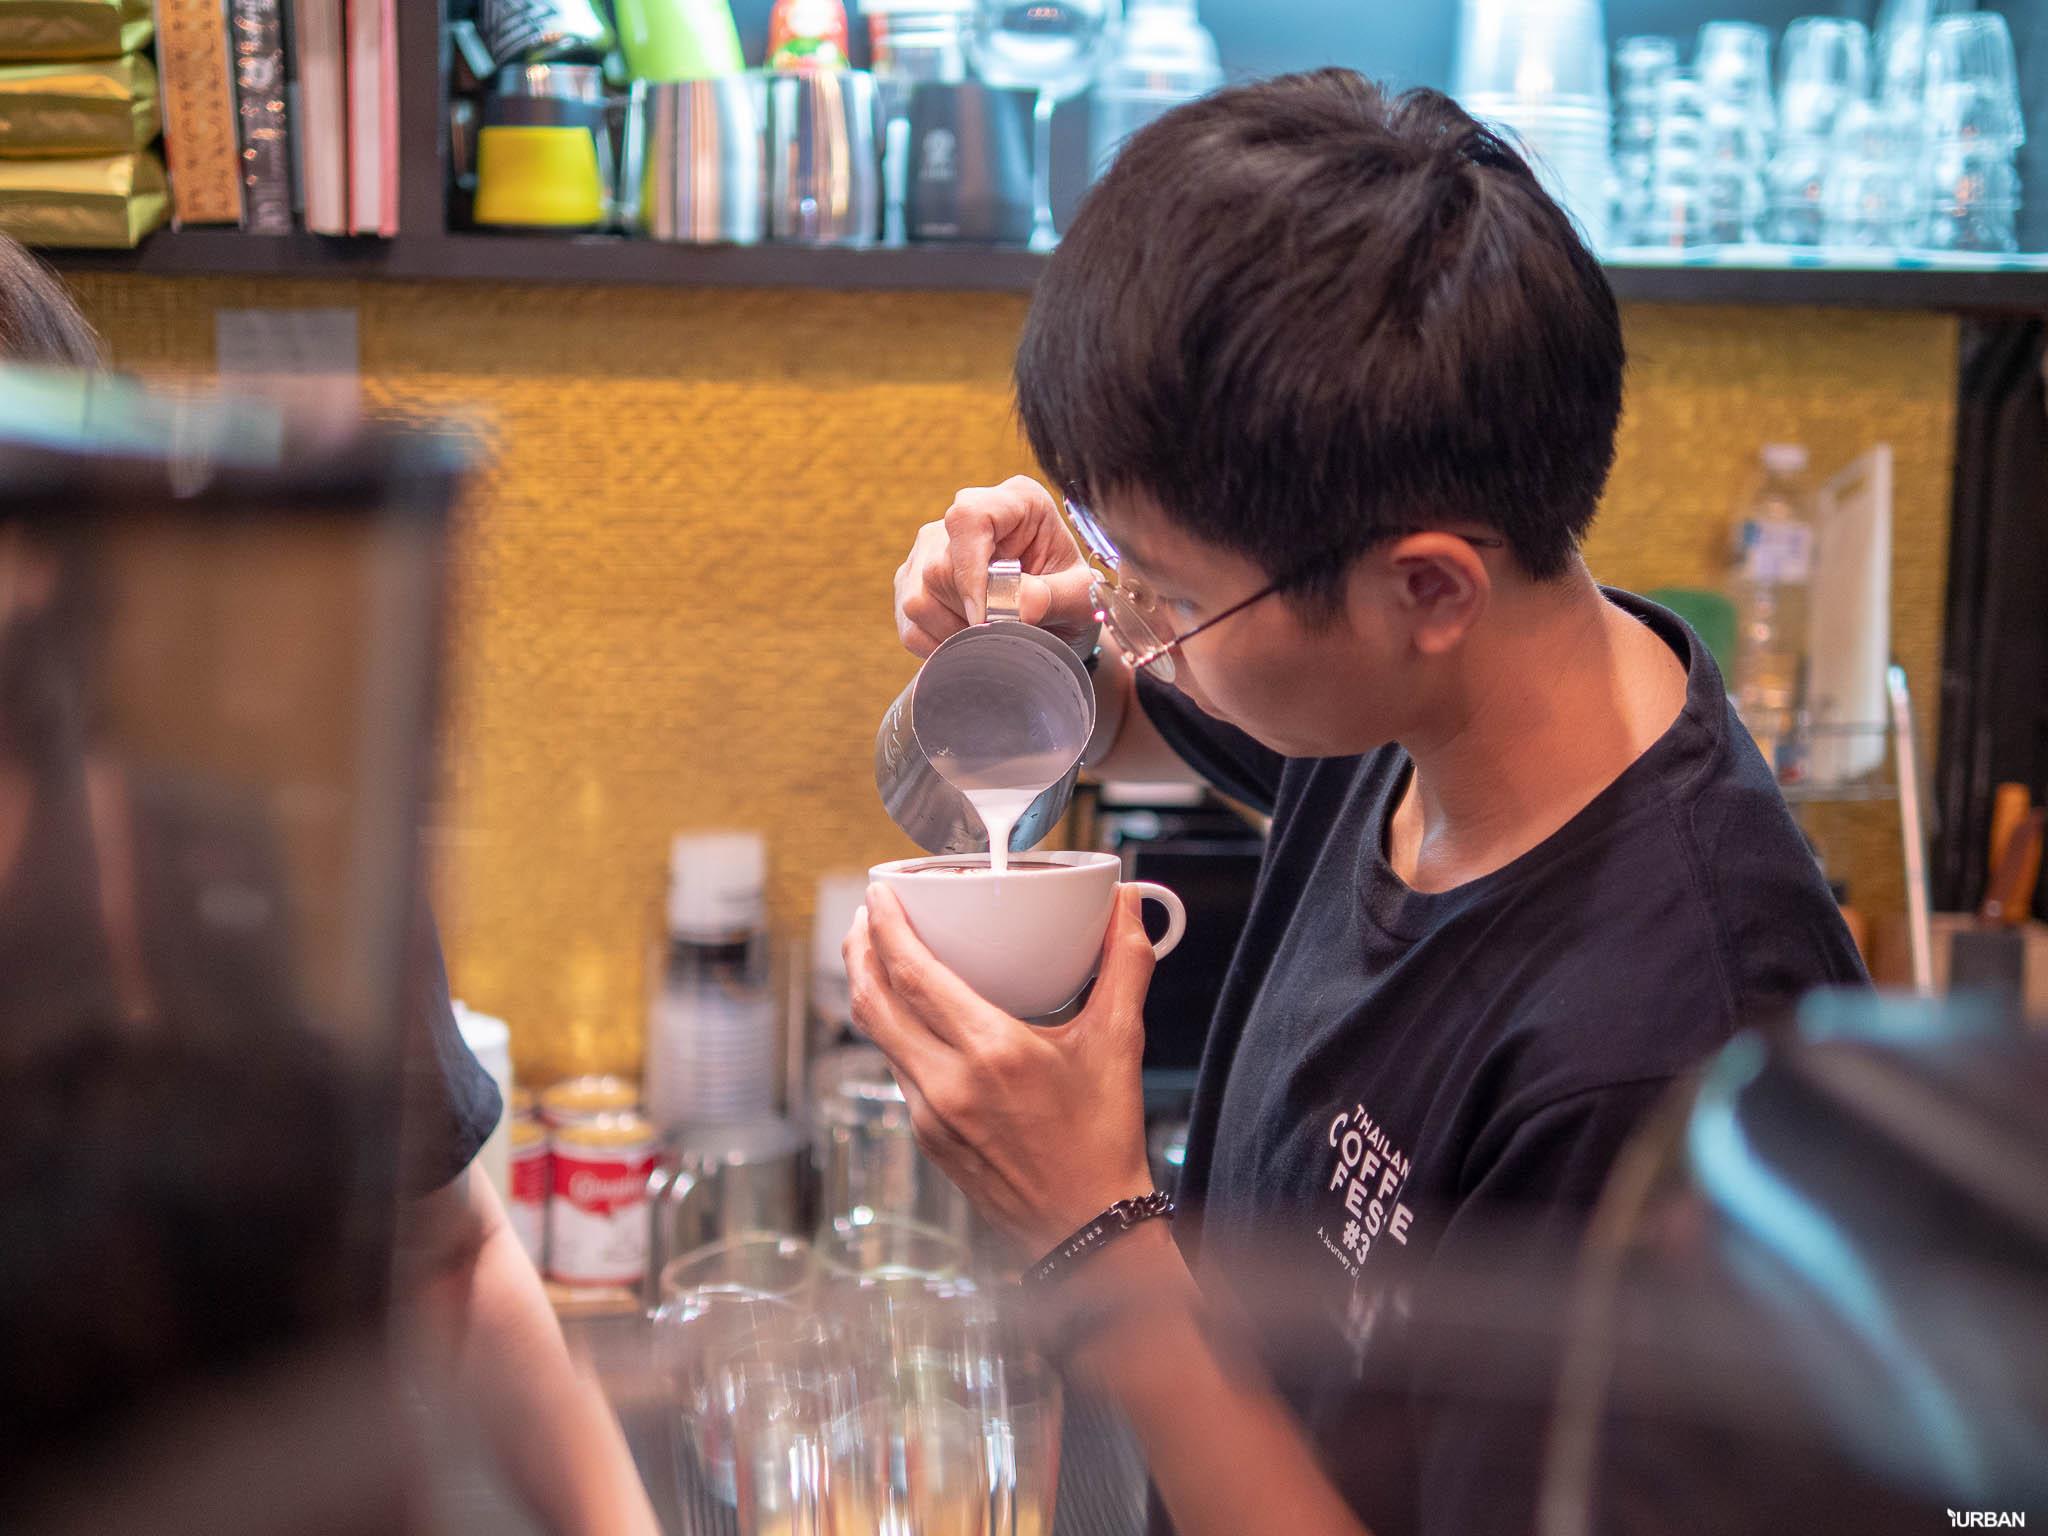 8 คาเฟ่ จตุจักร และร้านกาแฟที่ Unique ดีมีสไตล์น่าสนใจ เหมาะกับไลฟ์สไตล์วันชิลๆ 55 - Premium